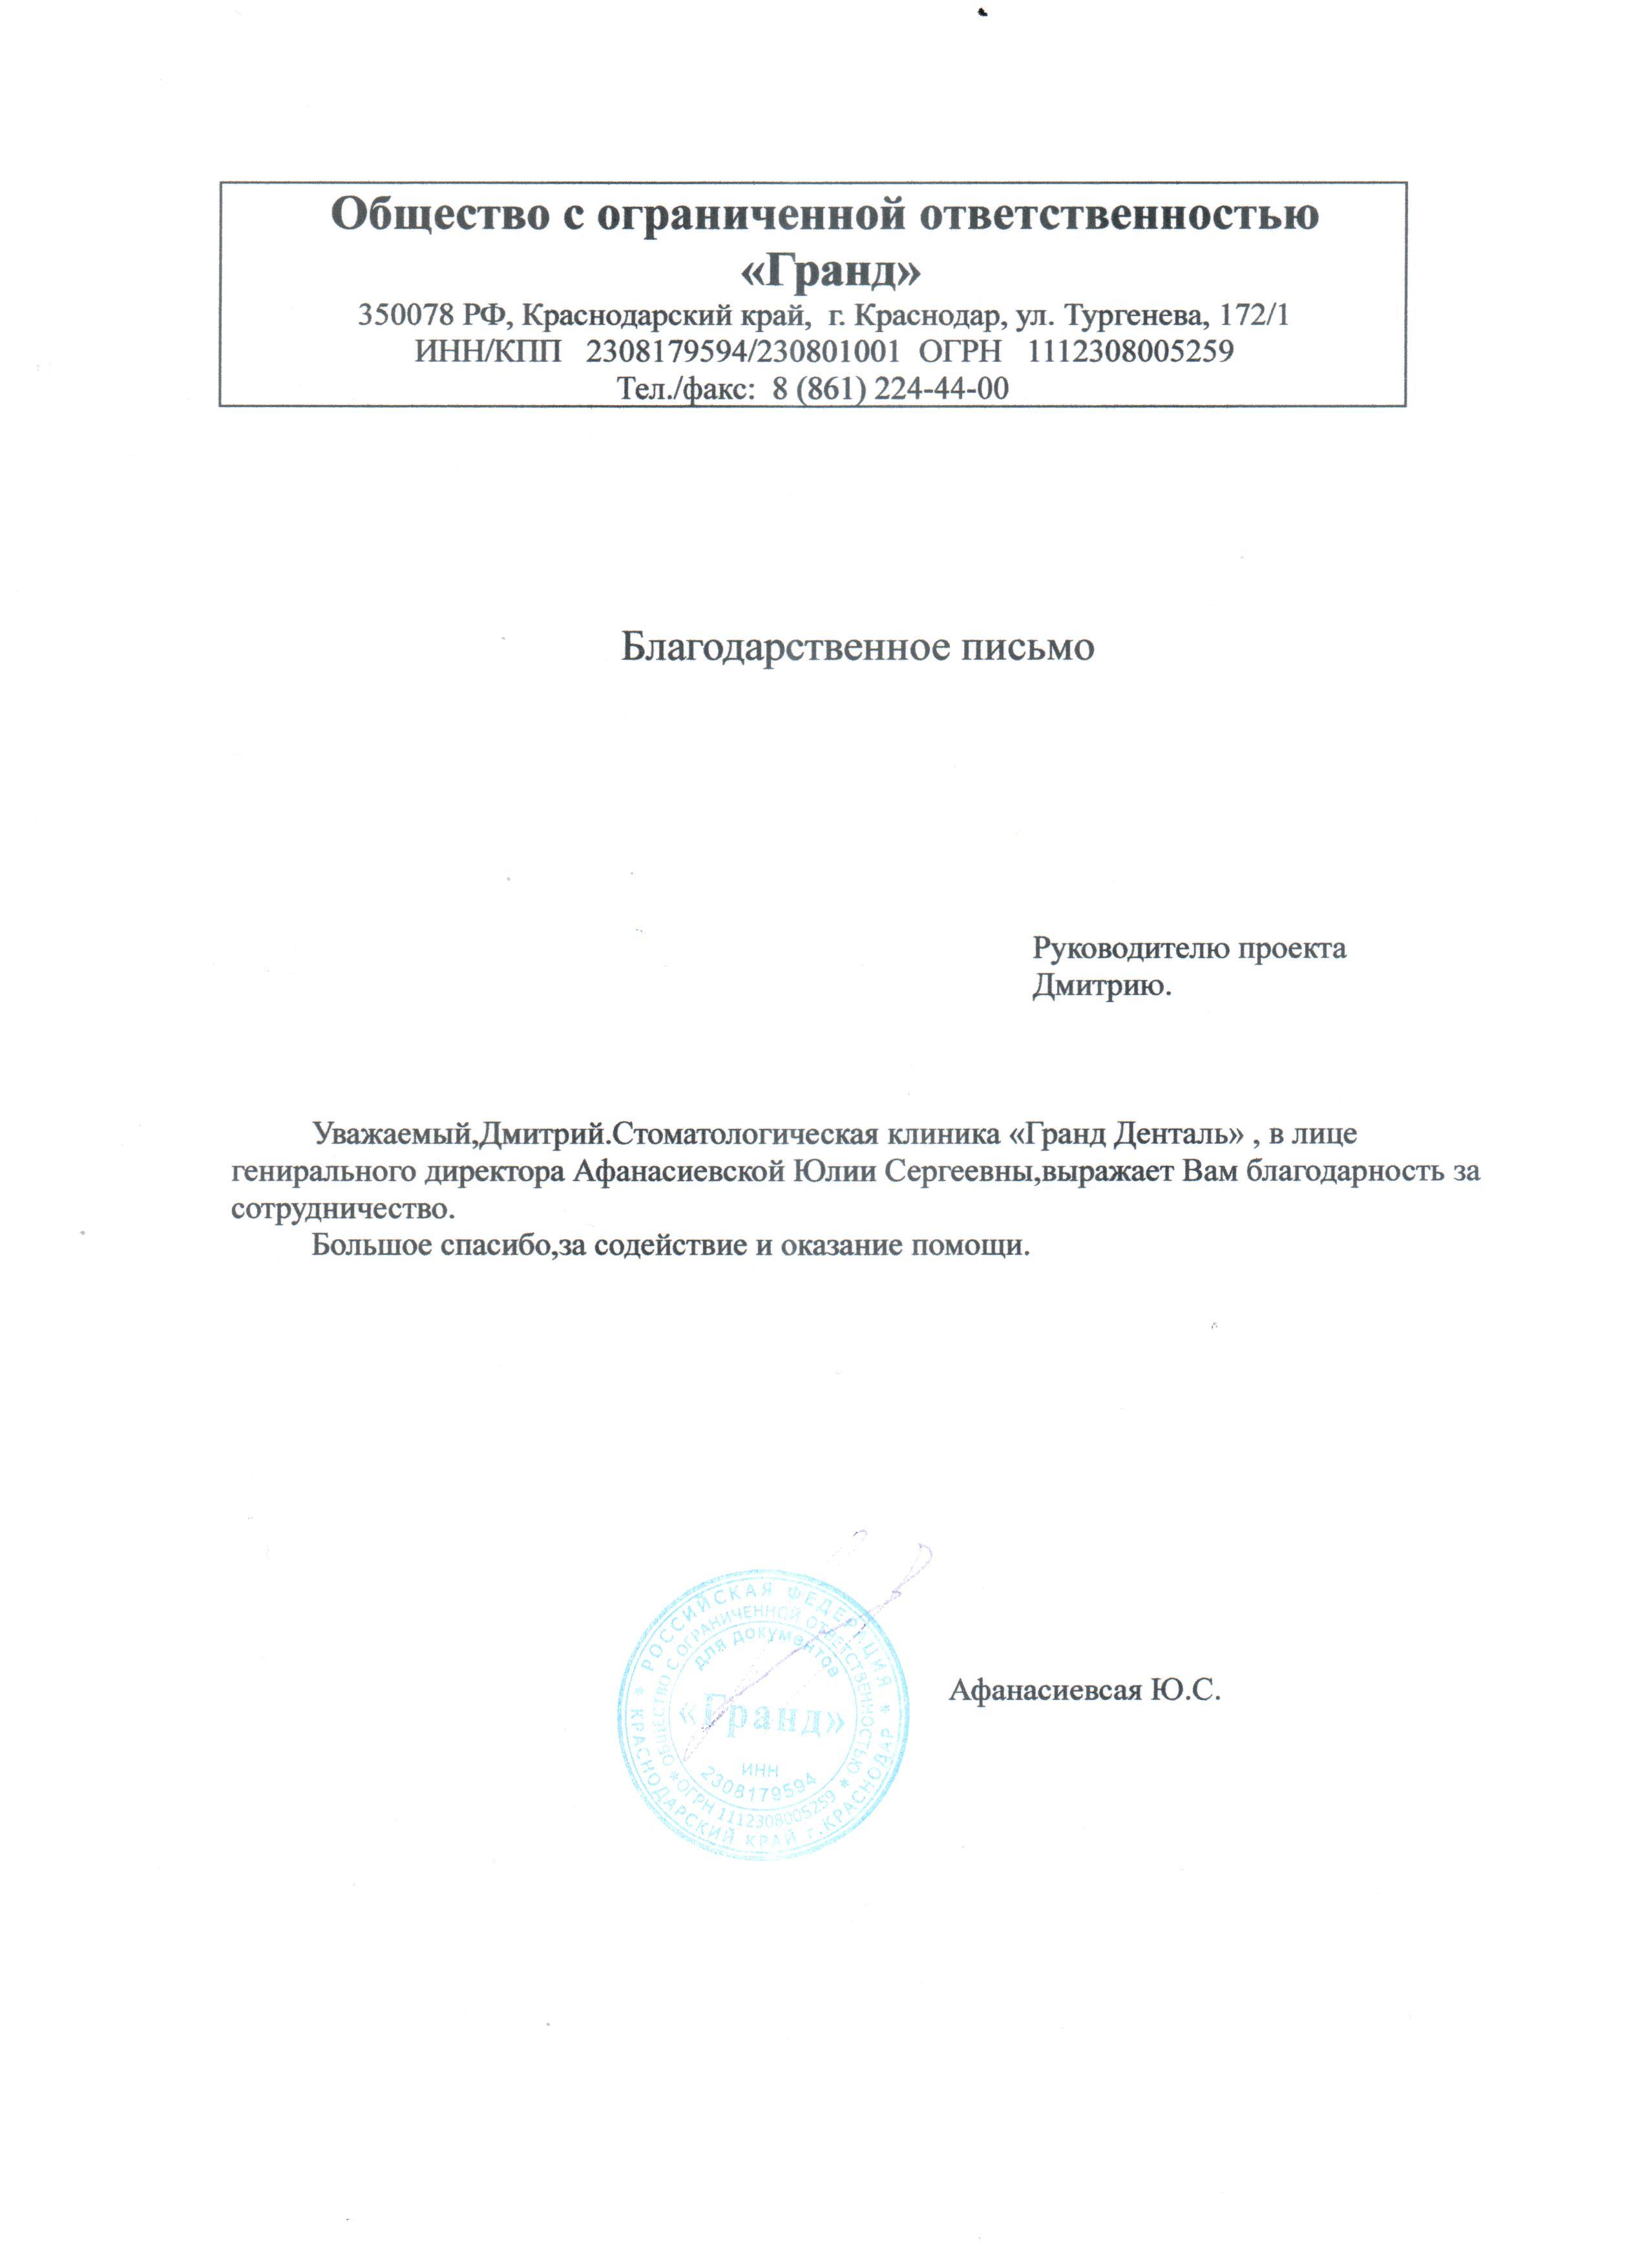 otzyv-afanasievskaya